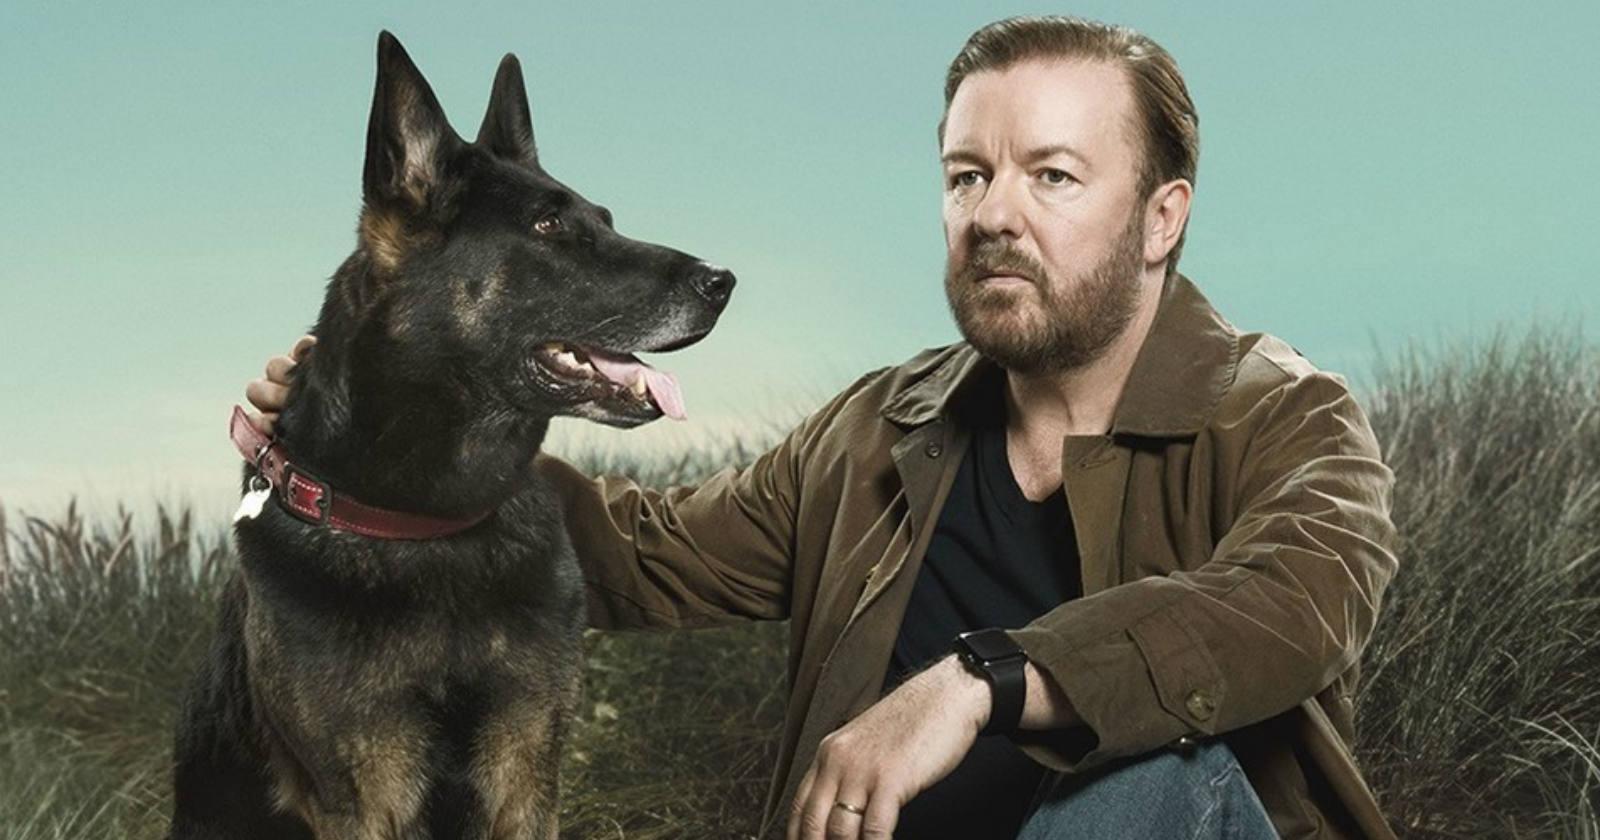 After Life: Ricky Gervais trae su humor negro y cómo seguir adelante tras la muerte de un ser querido